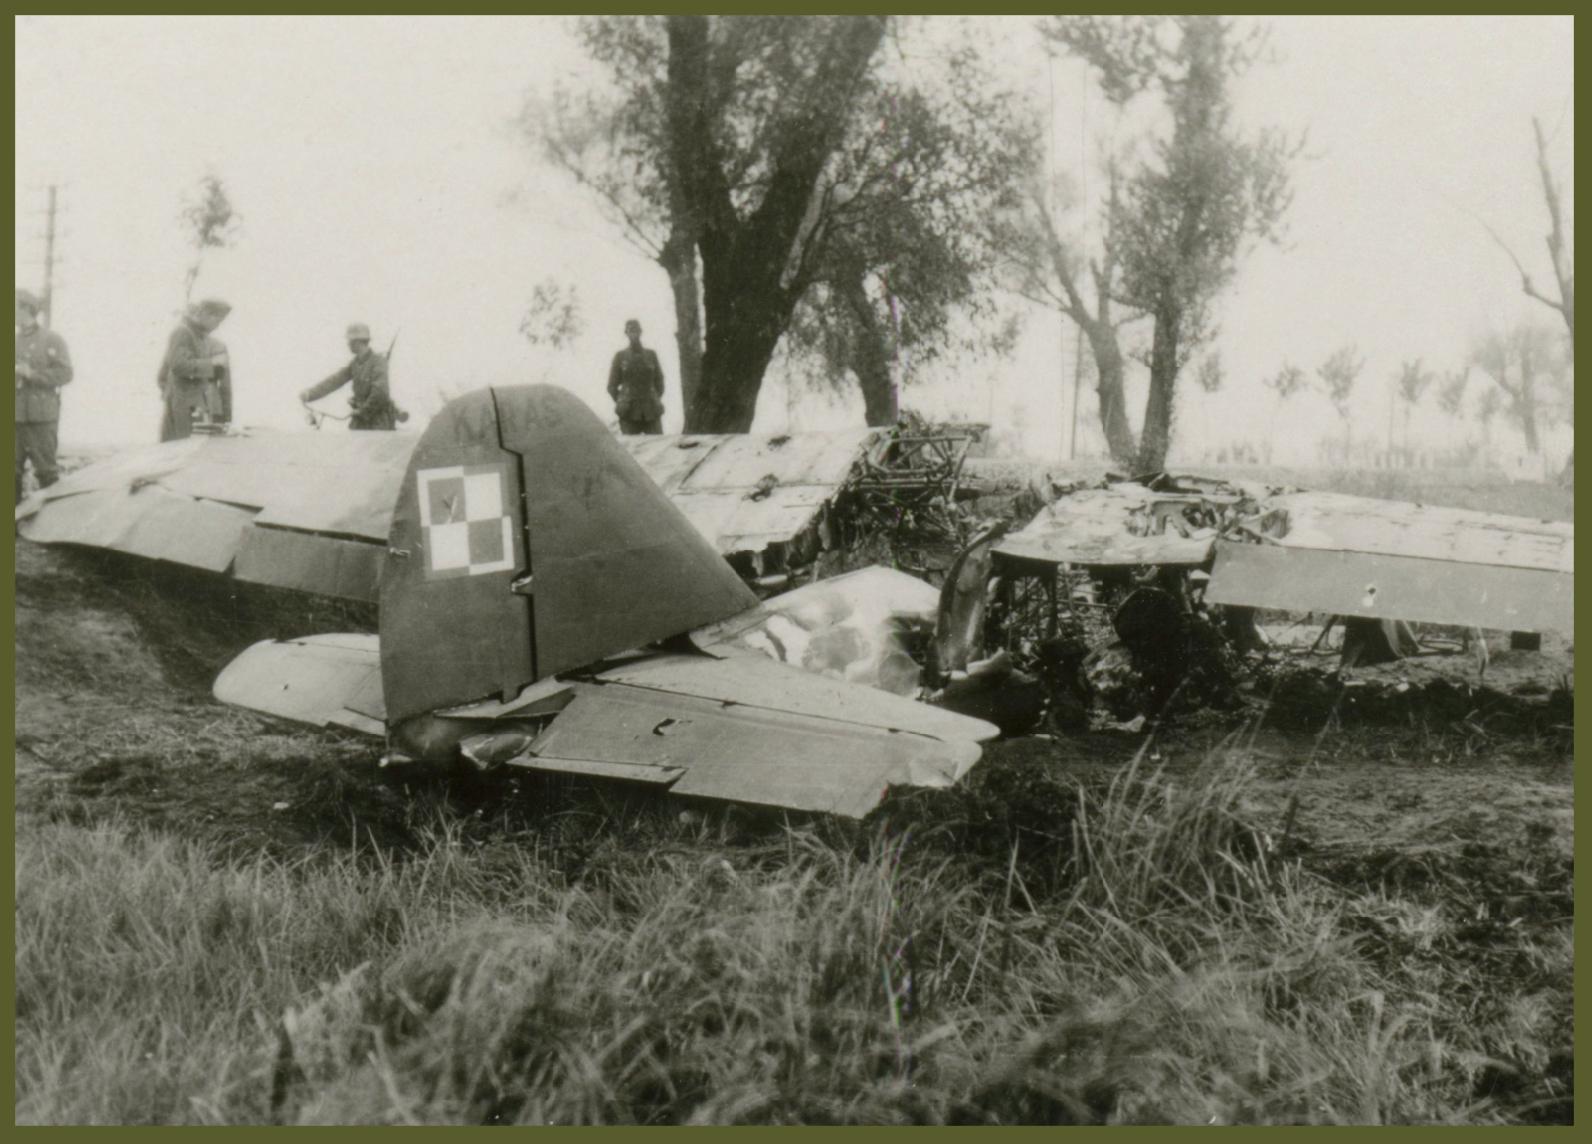 1939 Polish plane shotdown Warsaw